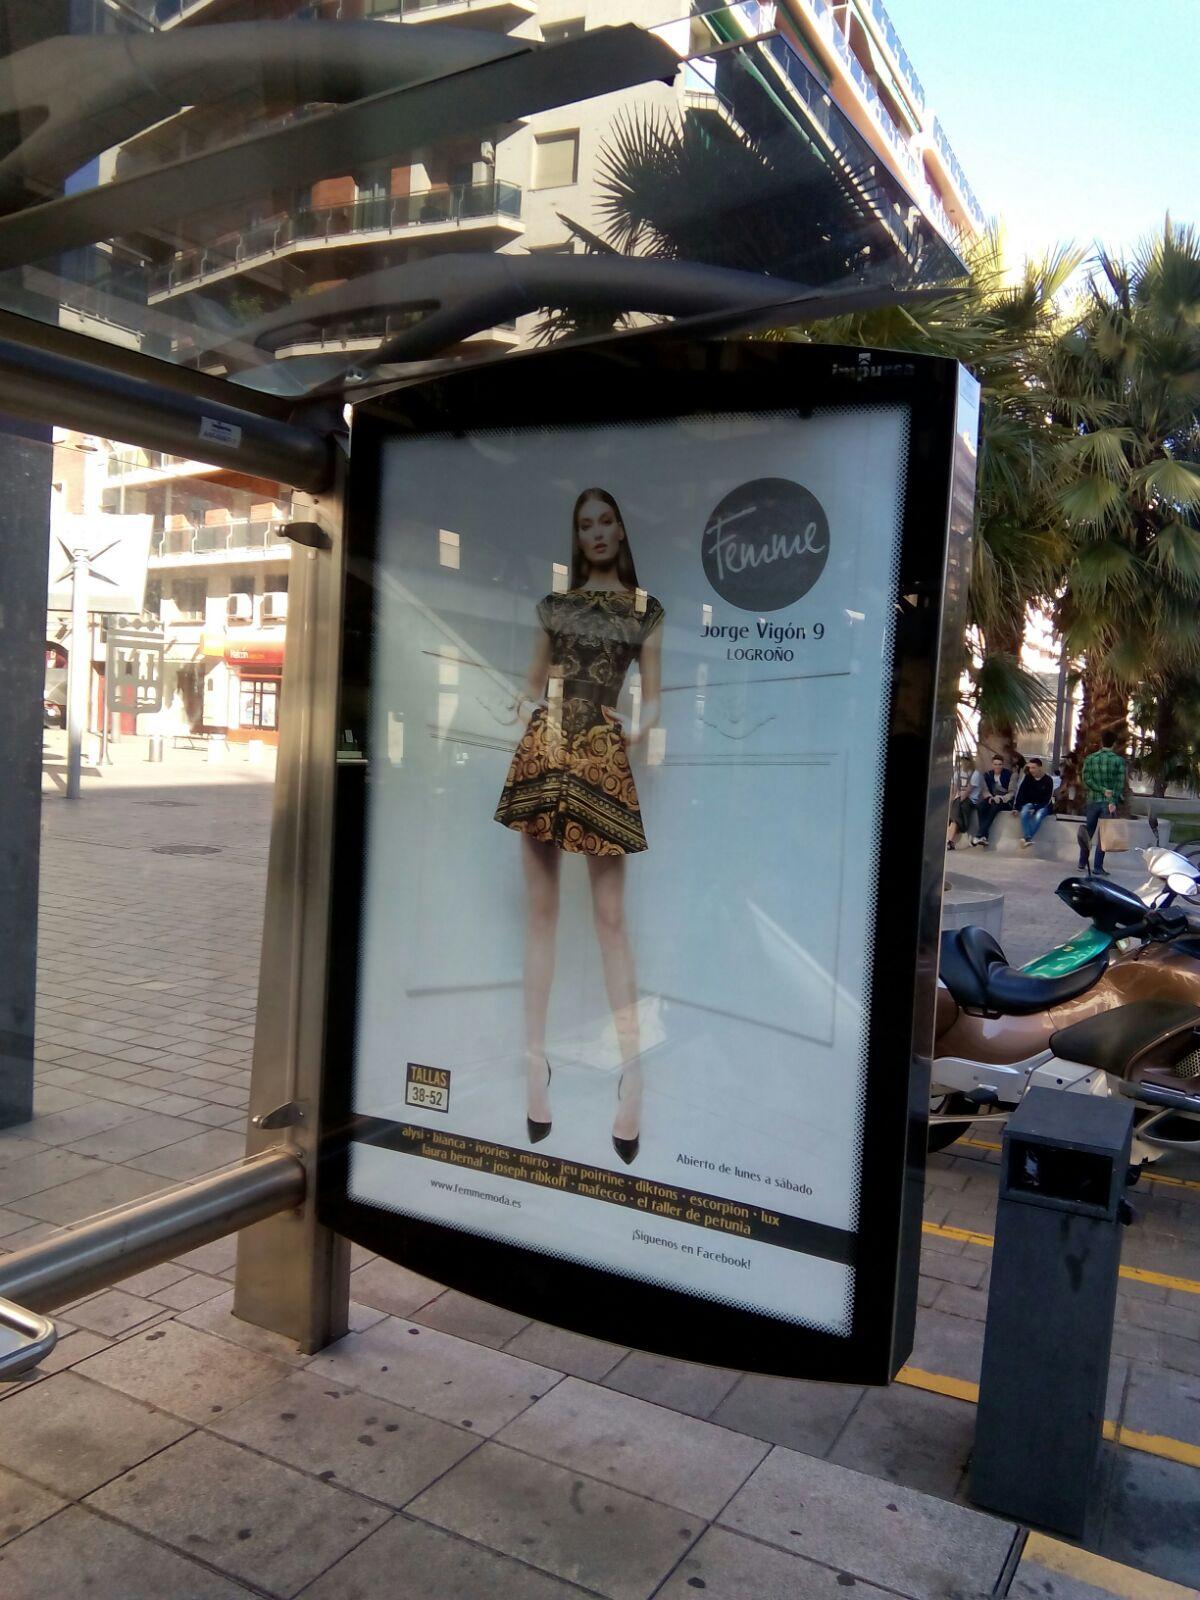 Agencia de publicidad - Campañas publicitarias mupis - Equiza Comunicación - Logroño - La Rioja